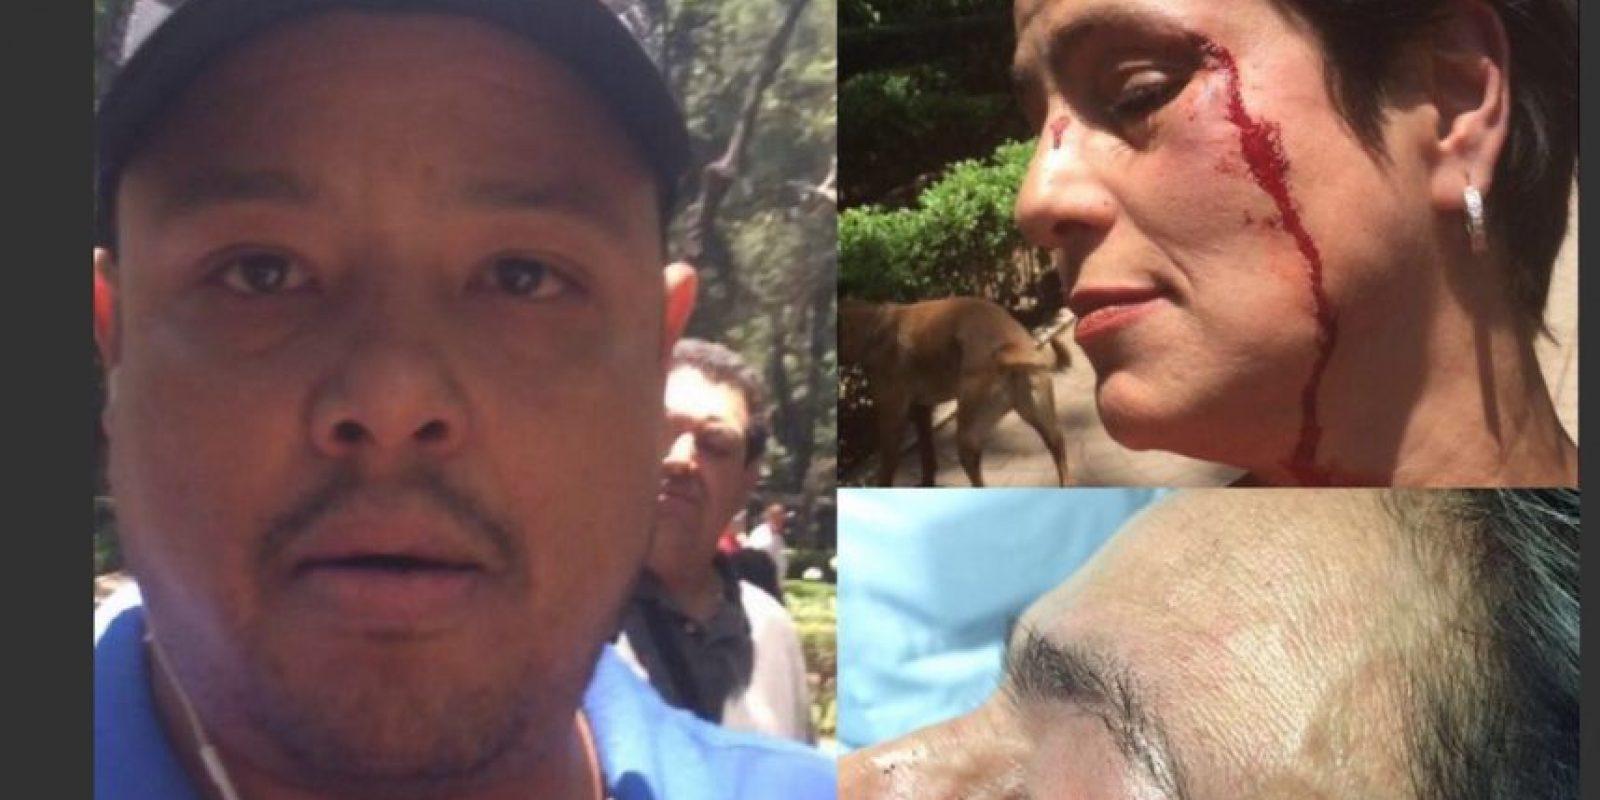 La actriz denunció ser golpeada por el sujeto Foto:twitter.com/americagabriell/. Imagen Por: